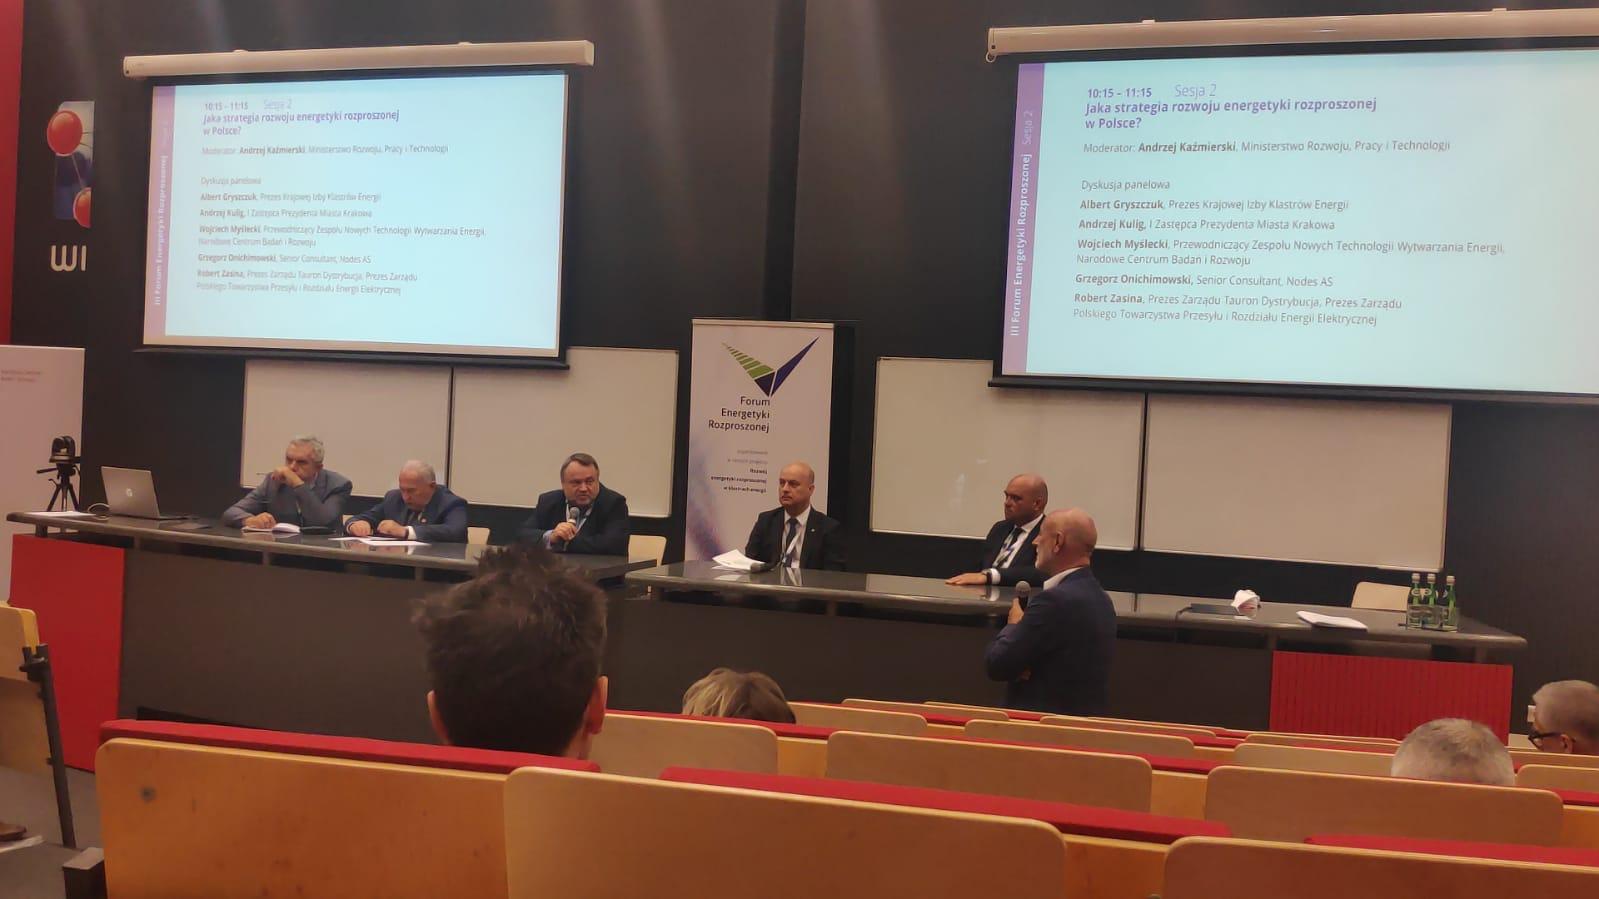 III Forum Energetyki Rozproszonej w Krakowie – zapowiedzi regulacji prawnych